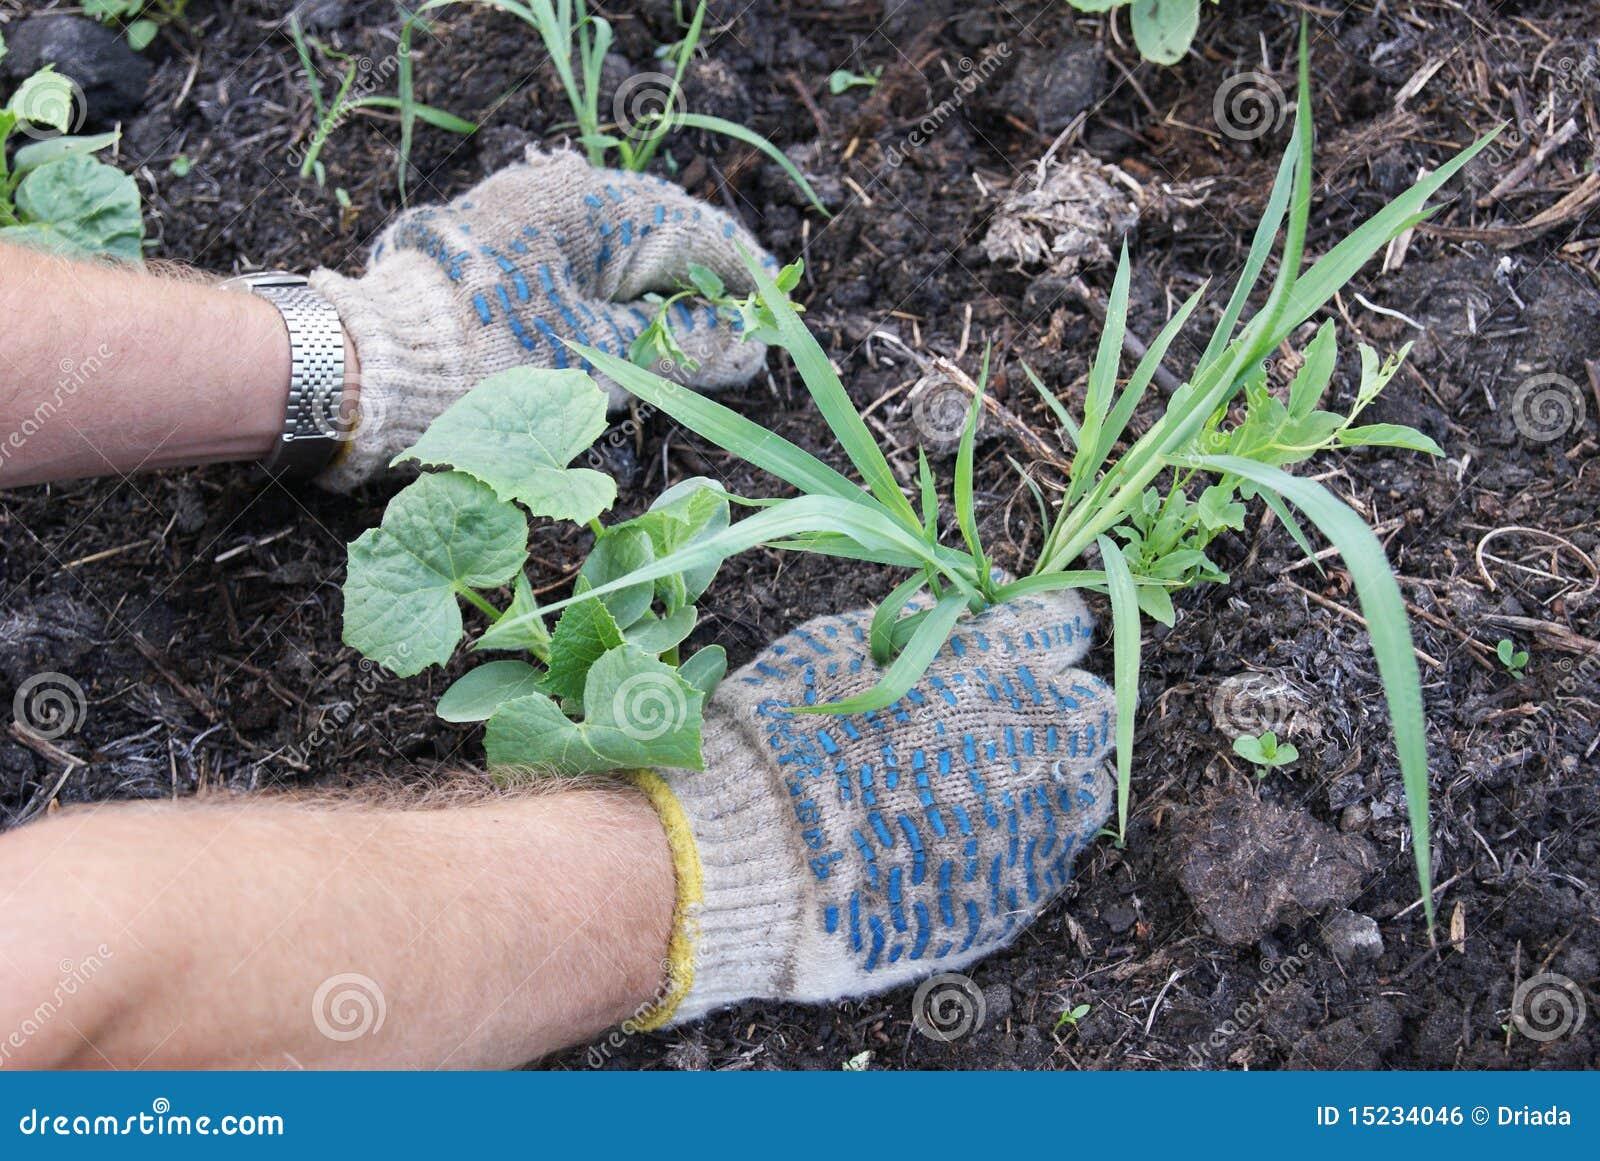 Remoção de ervas daninhas das ervas daninhas